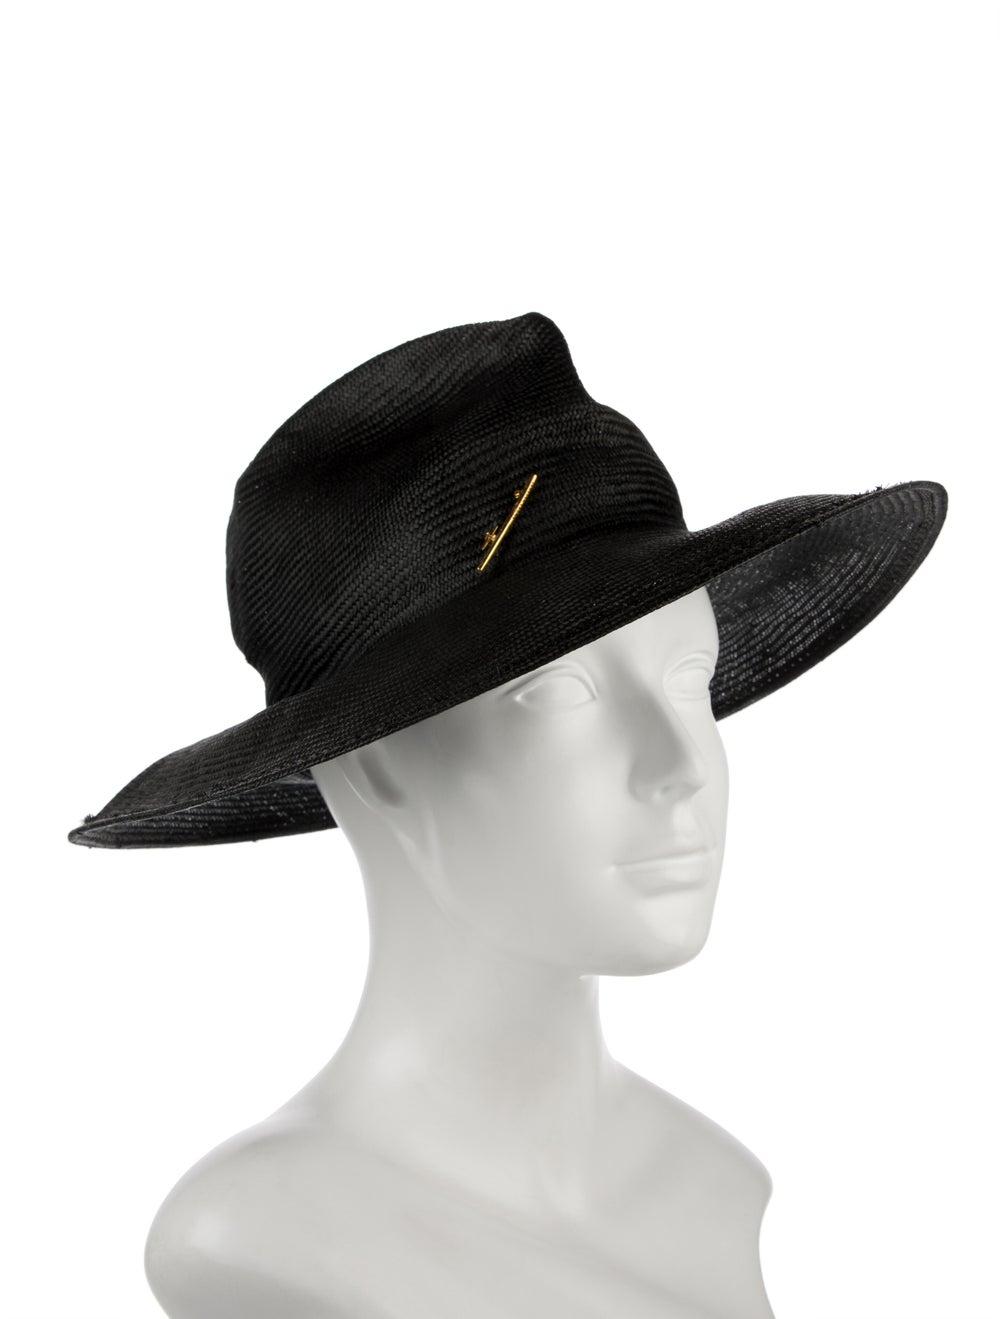 Janessa Leone Straw Wide Brimmed Hat black - image 3